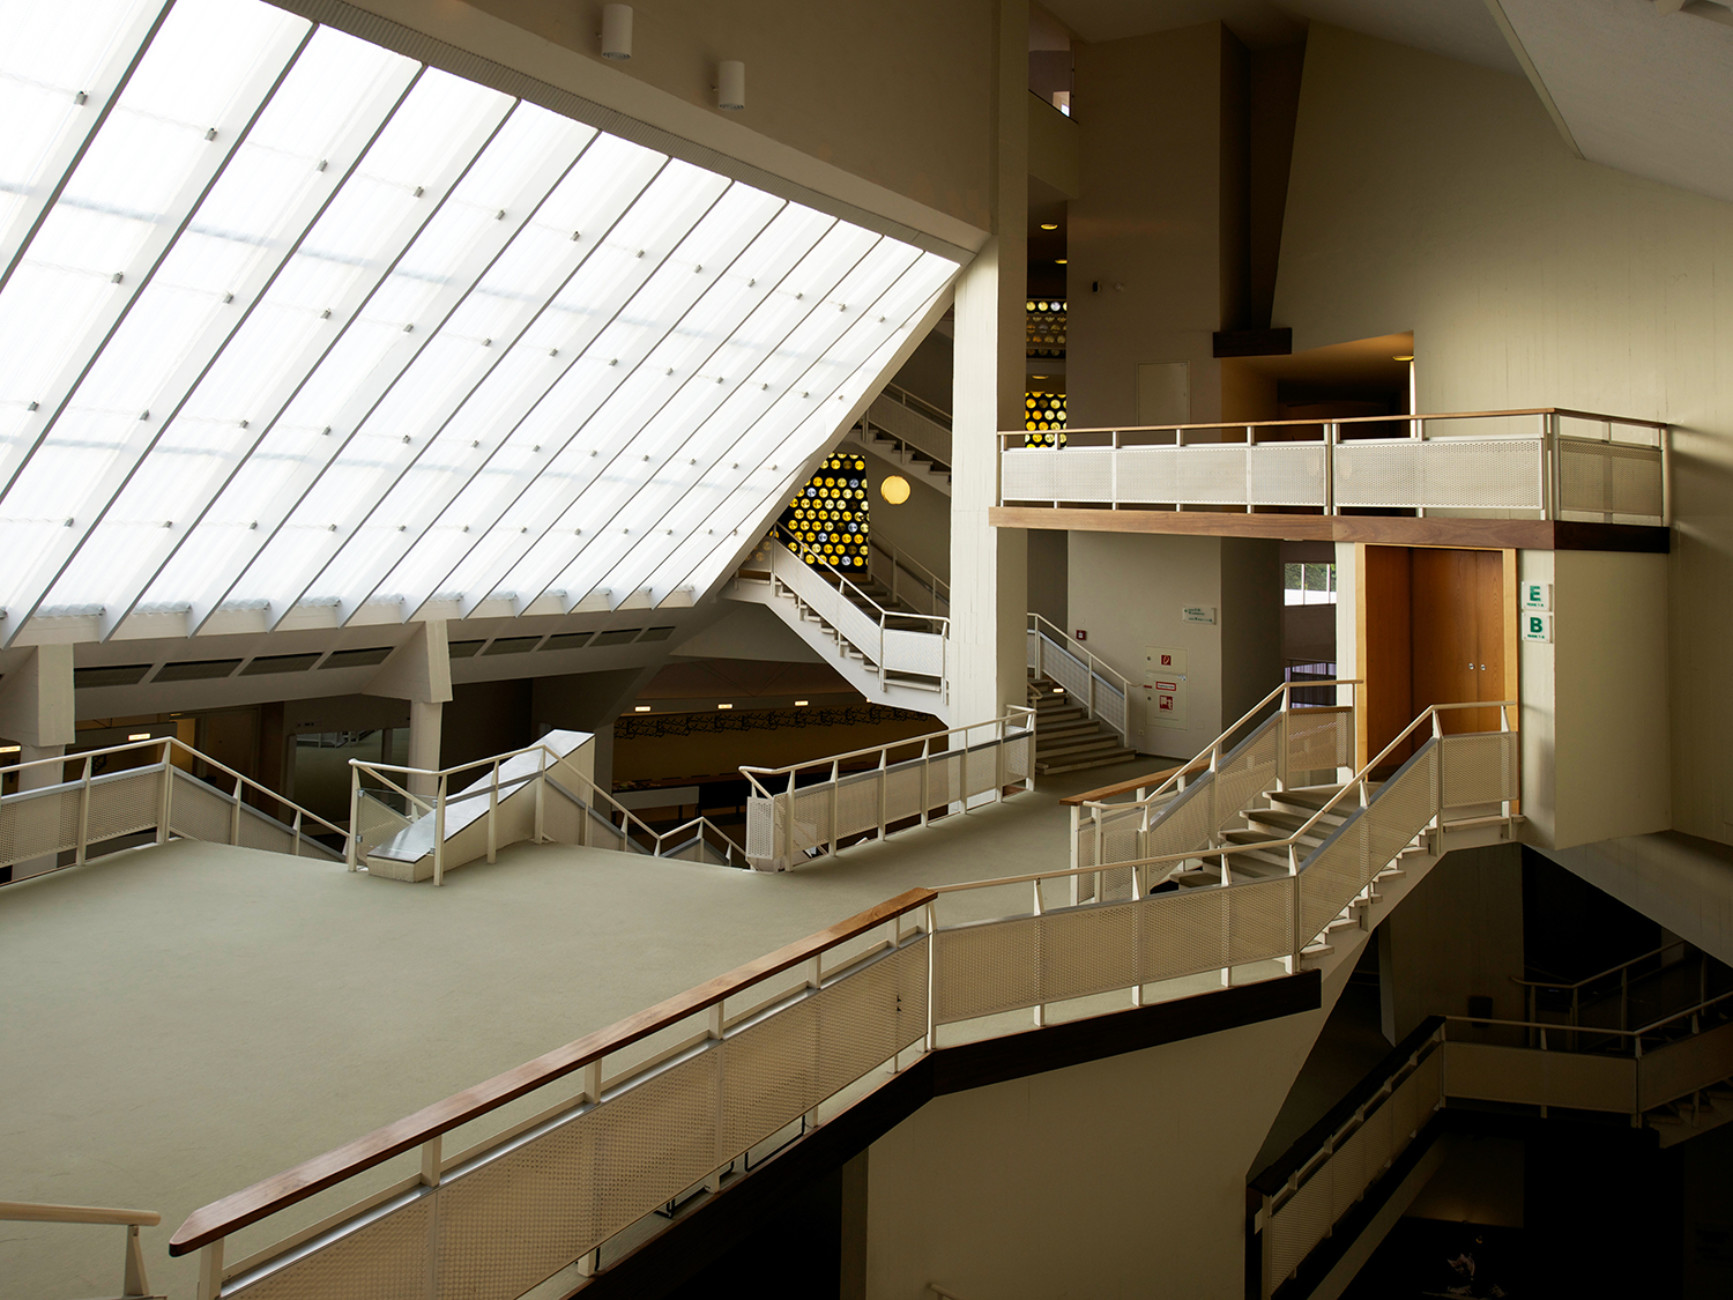 Philharmonic Hall (with Werner Weber), Berlin Tiergarten (1956-1963), foyer